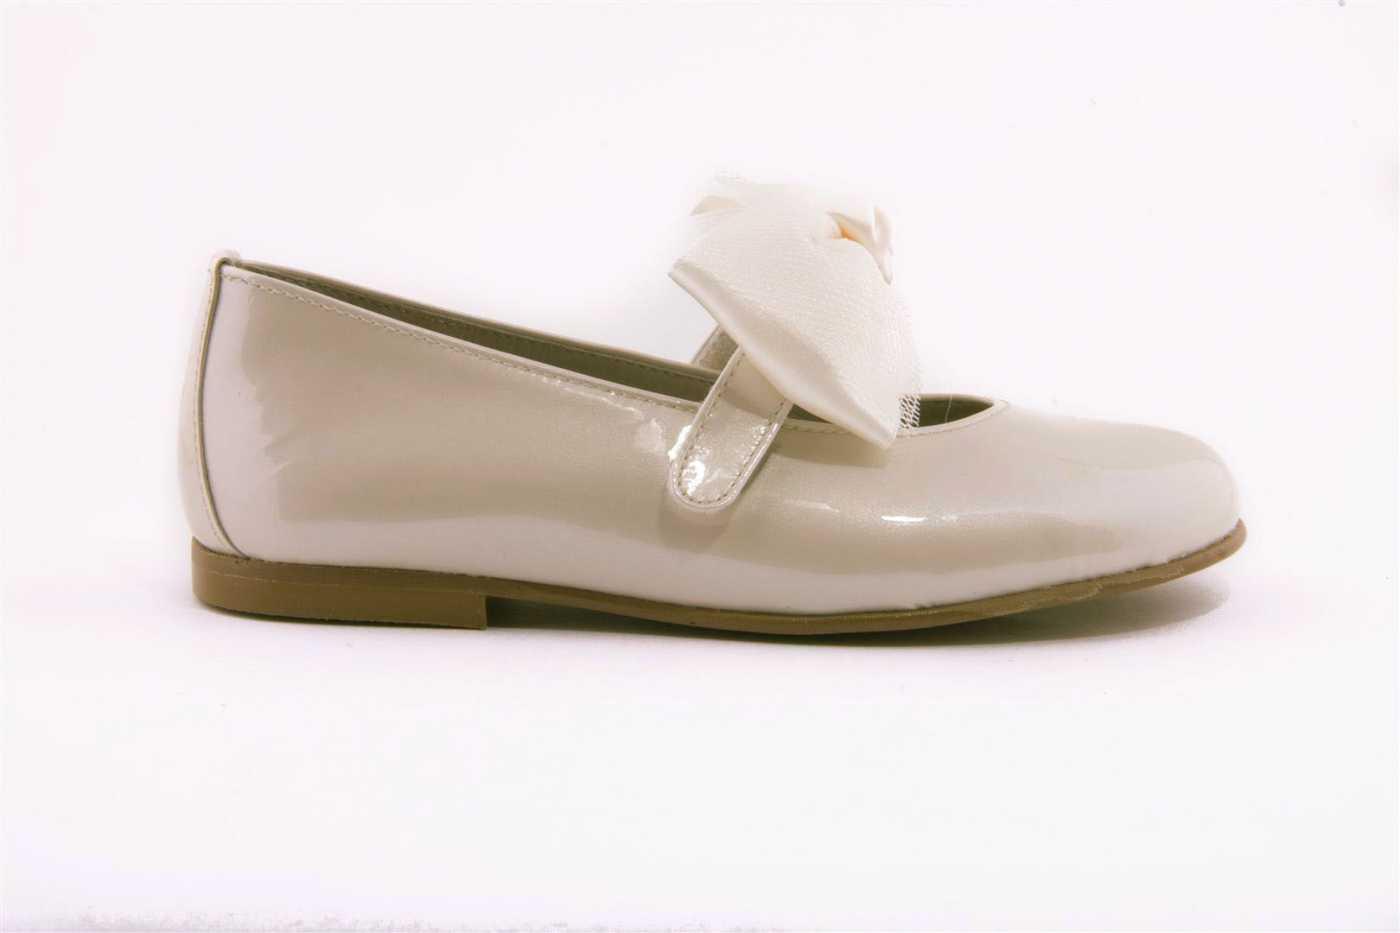 c01814c5 Comprar zapato tipo JOVEN NIÑA estilo MERCEDES COLOR BEIGE CHAROL ...